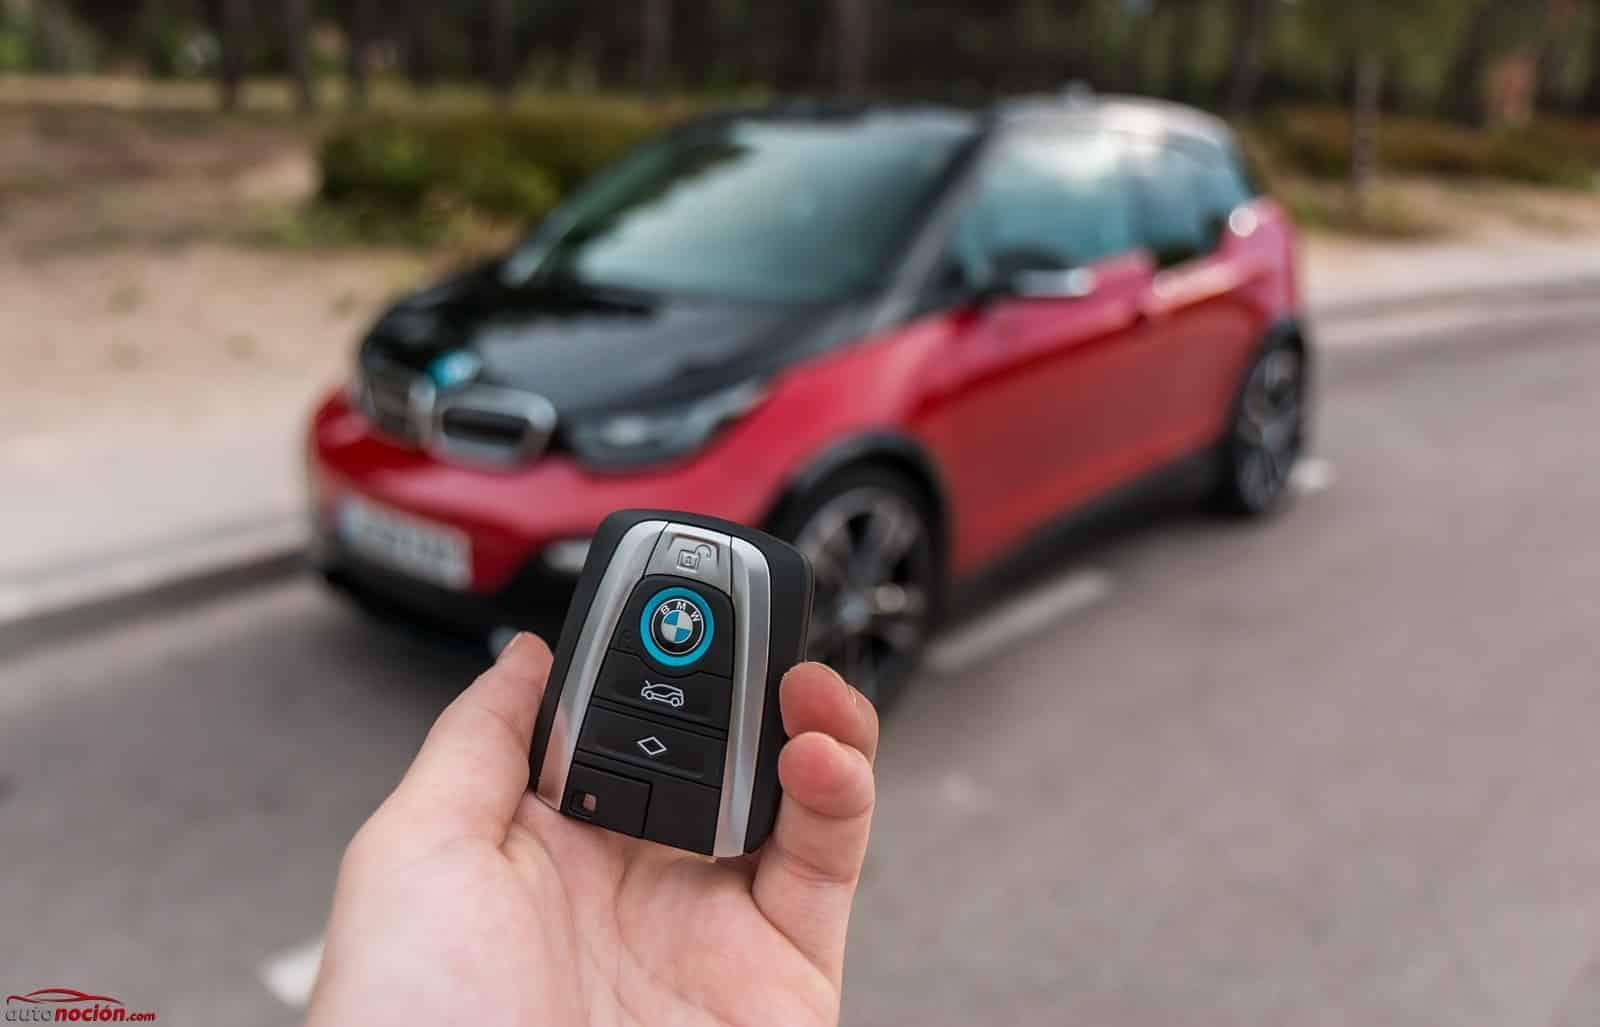 debemos saber de dónde obtendremos la energía para cargar nuestro coche